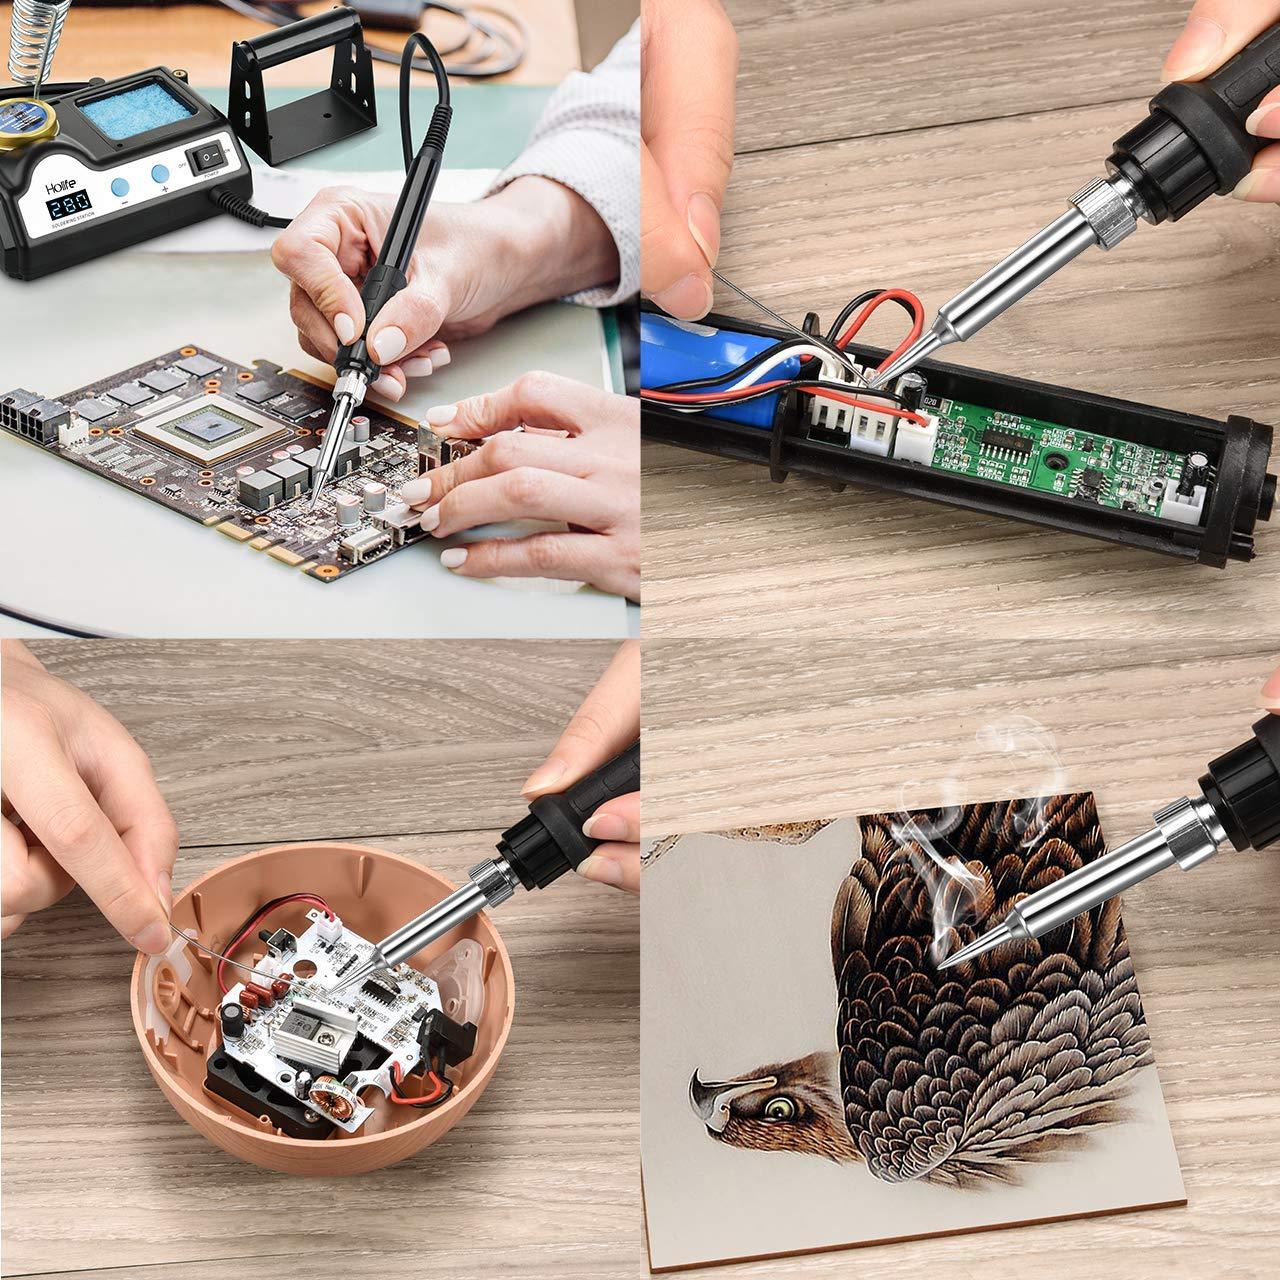 Konstanter Temperaturregelung L/ötrollenhalter Holife Digital Display 60W L/ötstation mit 5 Zus/ätzlichen L/ötspitzen Messingreiniger Sleep-Funktion ℉///°C-Schalter Schwamm